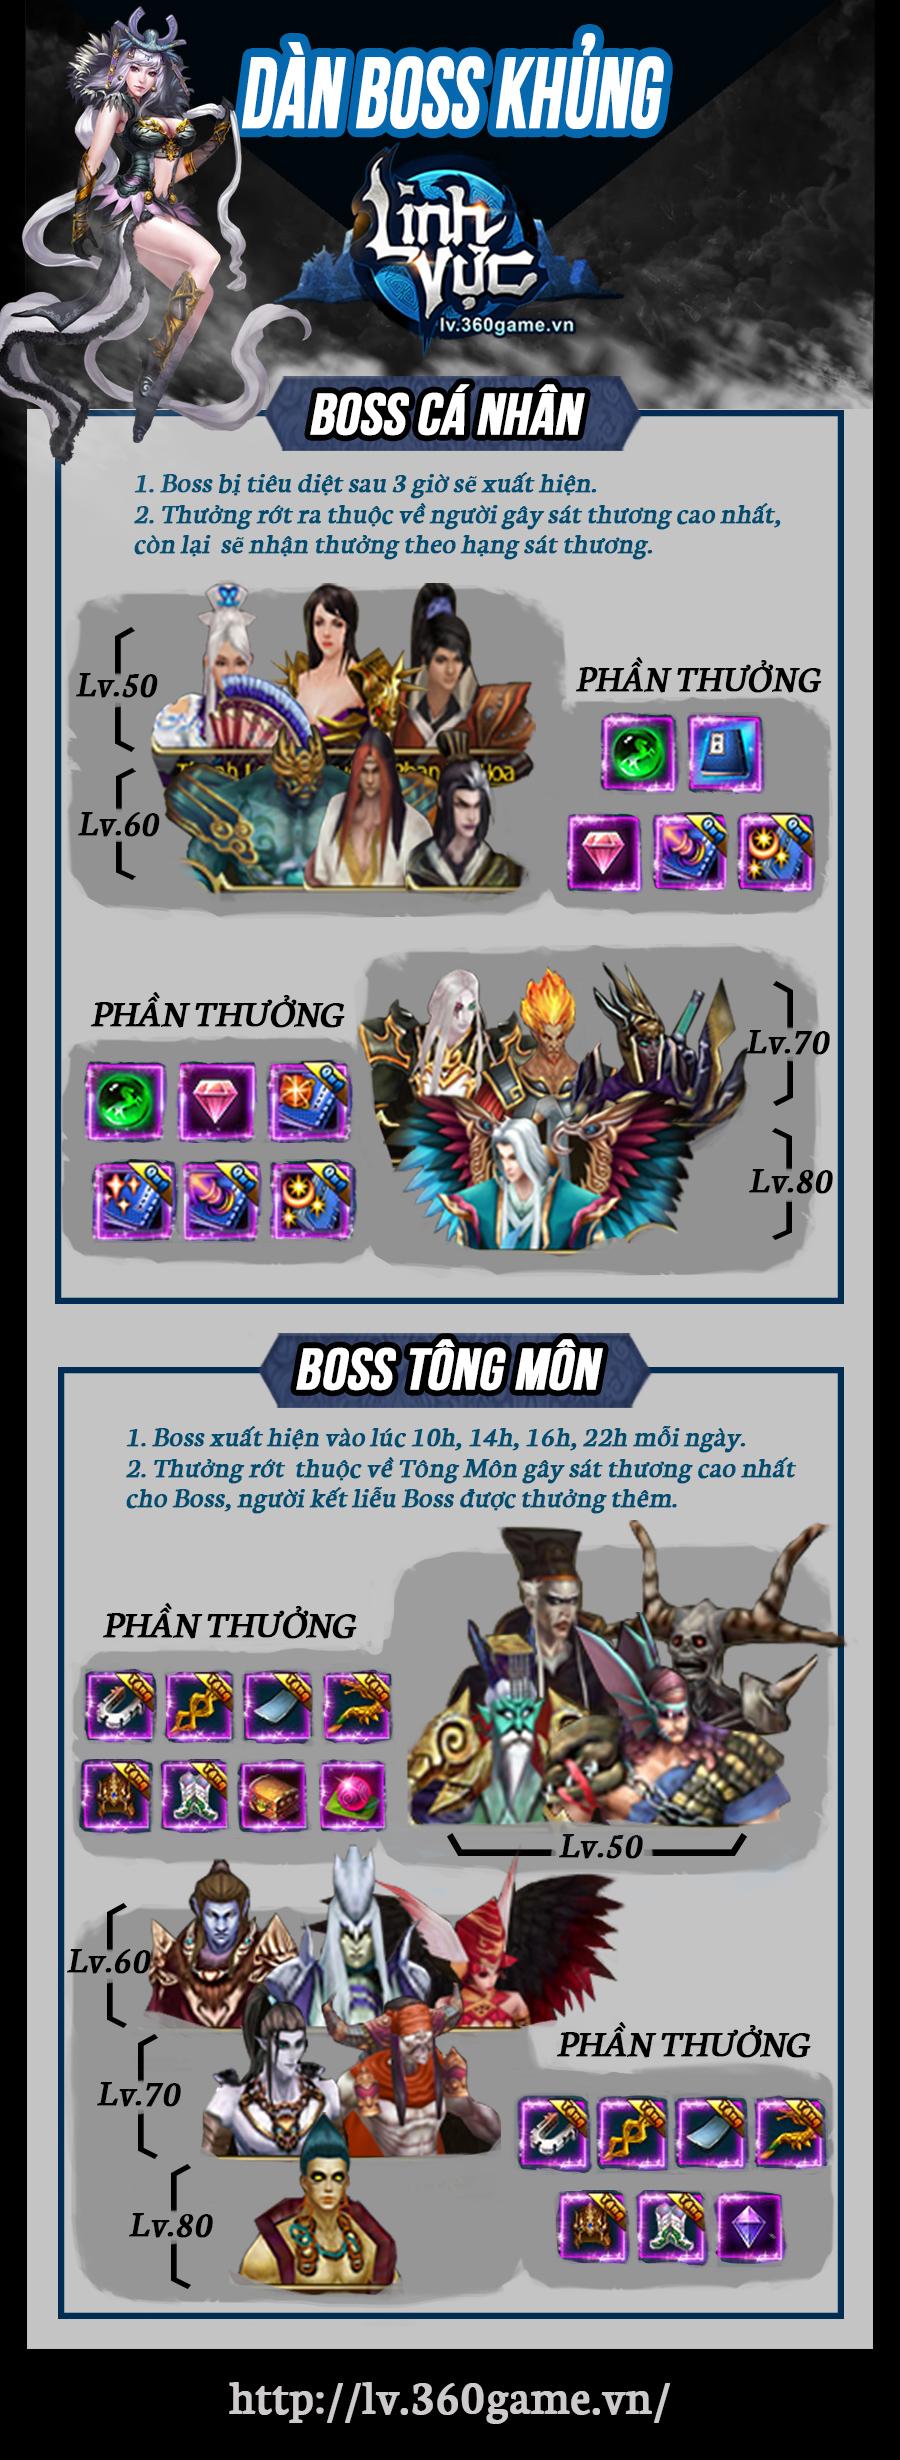 Infographic: Soi hệ thống boss trong webgame Linh Vực